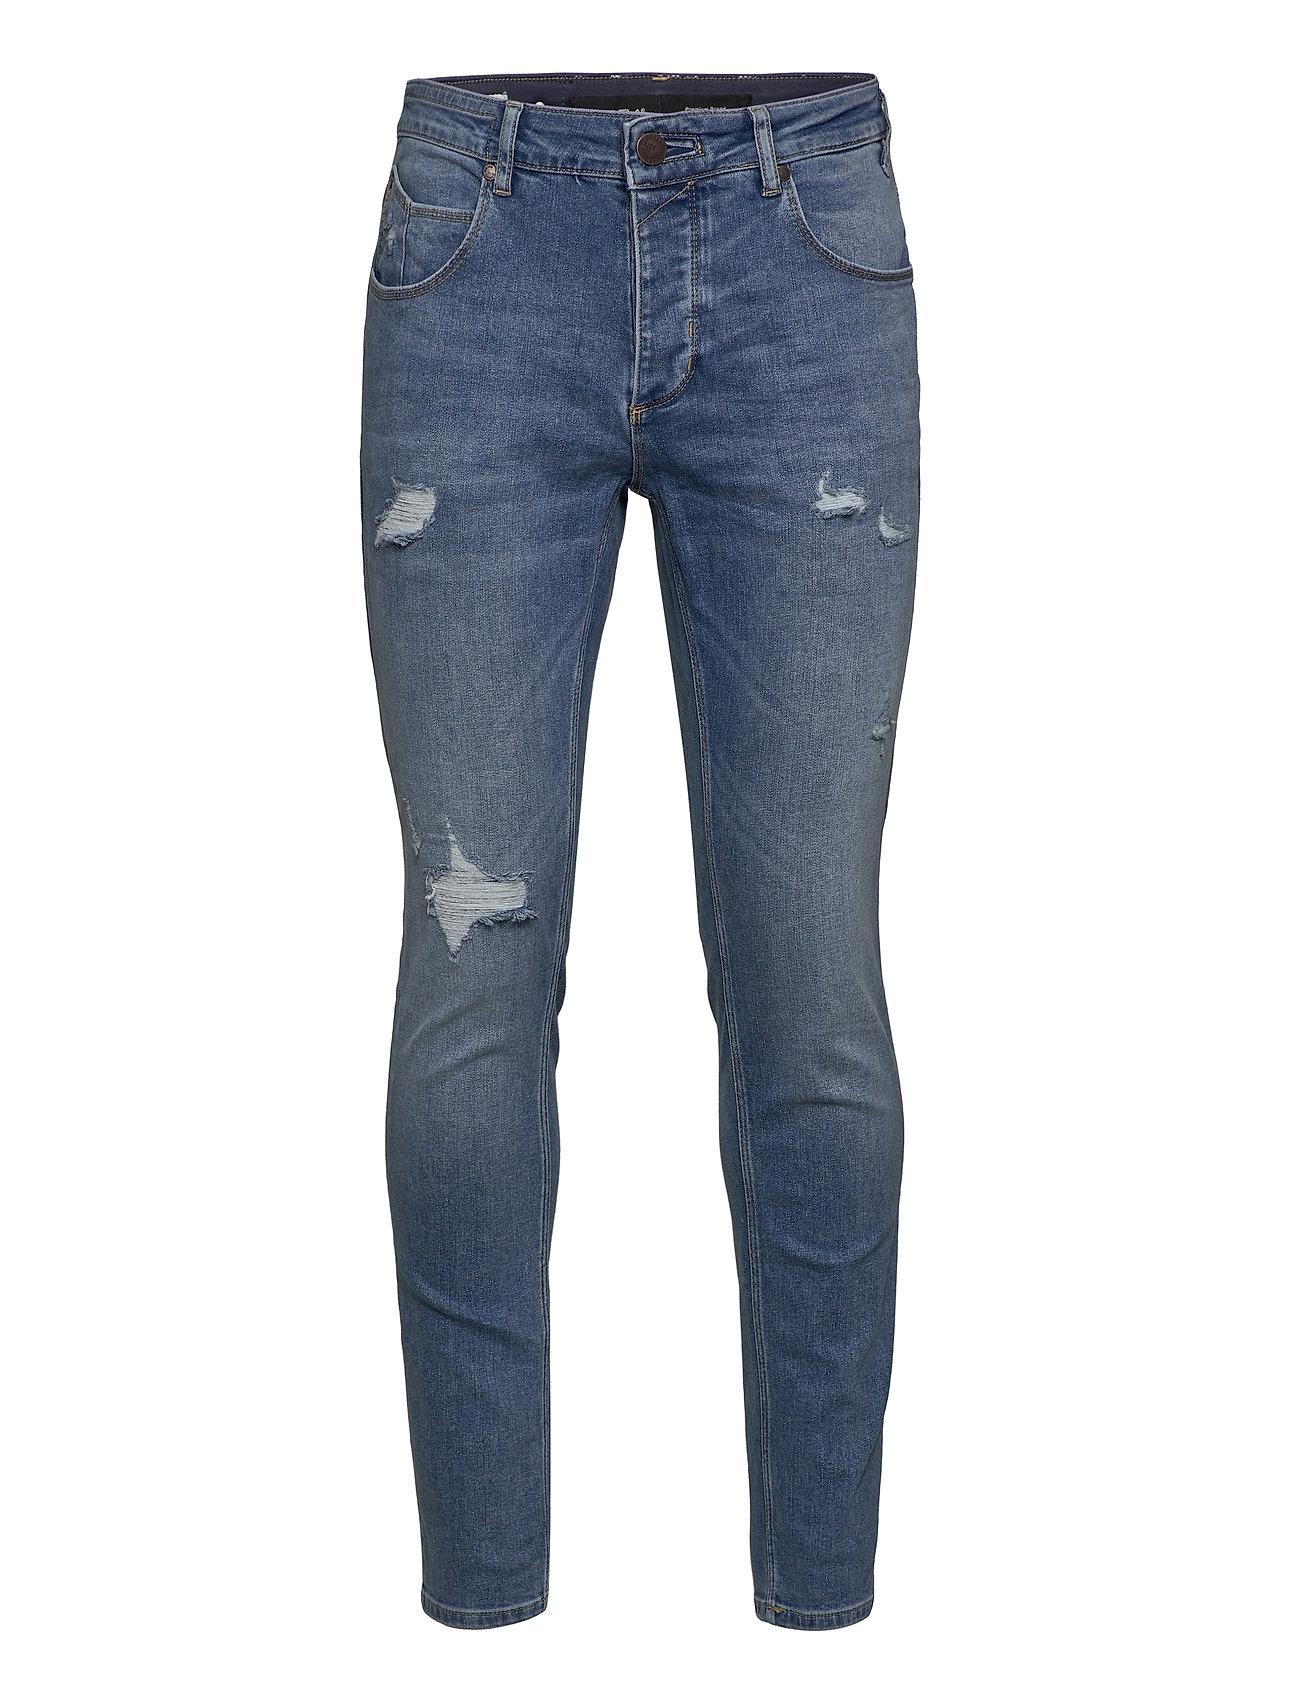 Image of Rey K3518 Lt. Jeans Slim Jeans Blå Gabba (3452761563)